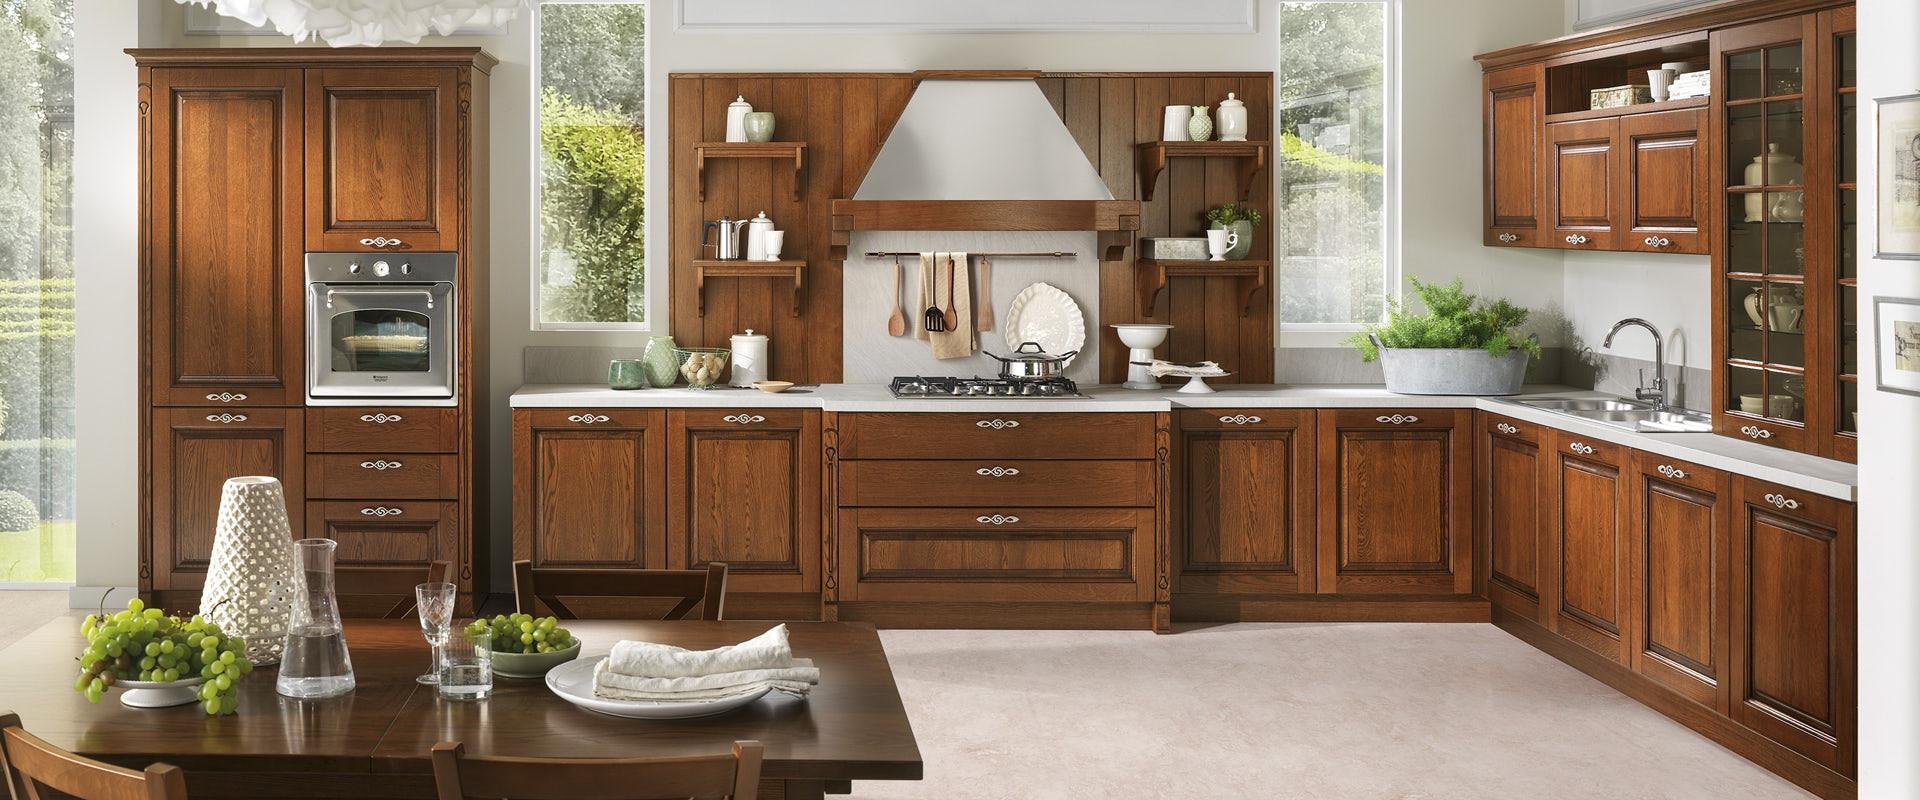 stosa-cucine-classiche-saturnia-220.jpg